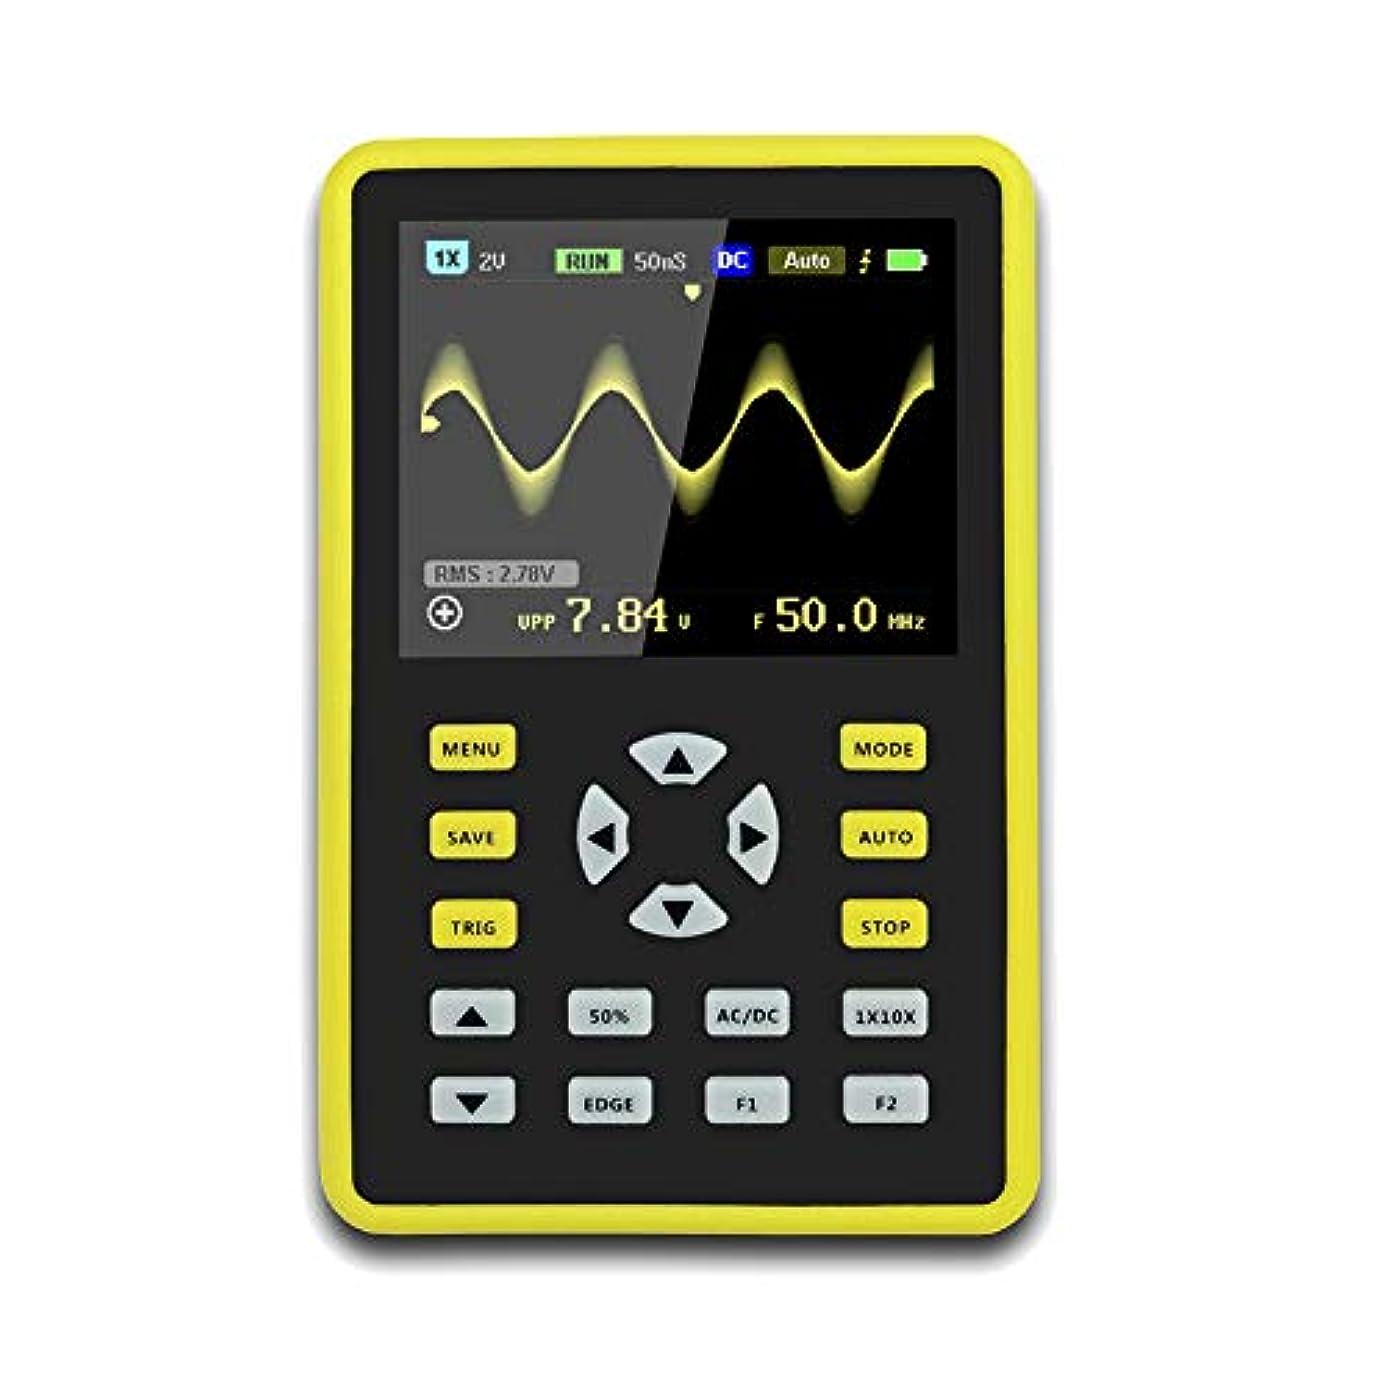 側面フライト独立したCoolTack  手持ち型デジタル小型オシロスコープ2.4インチ500 MS/s IPS LCD表示スクリーンの携帯用